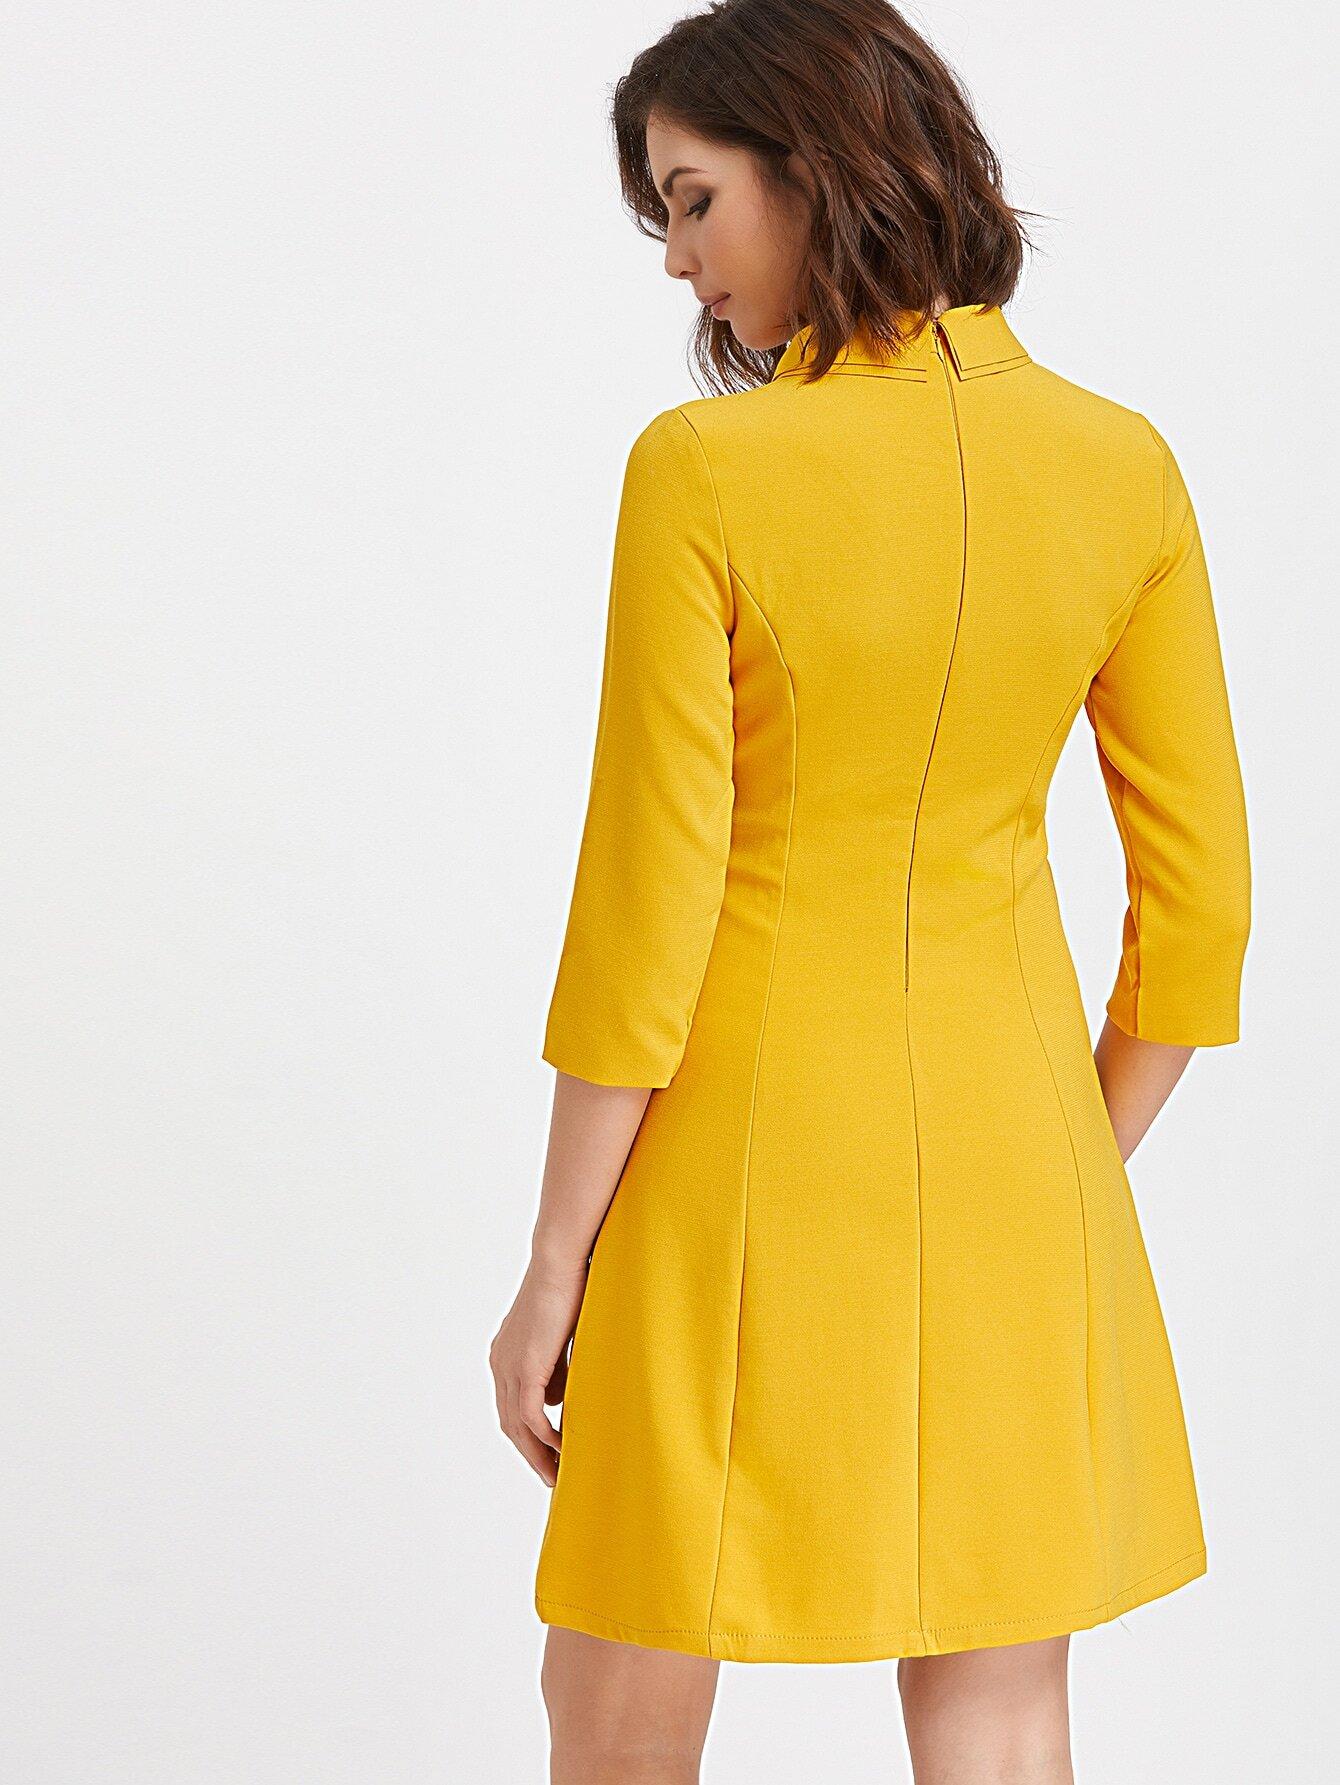 dress170314308_2